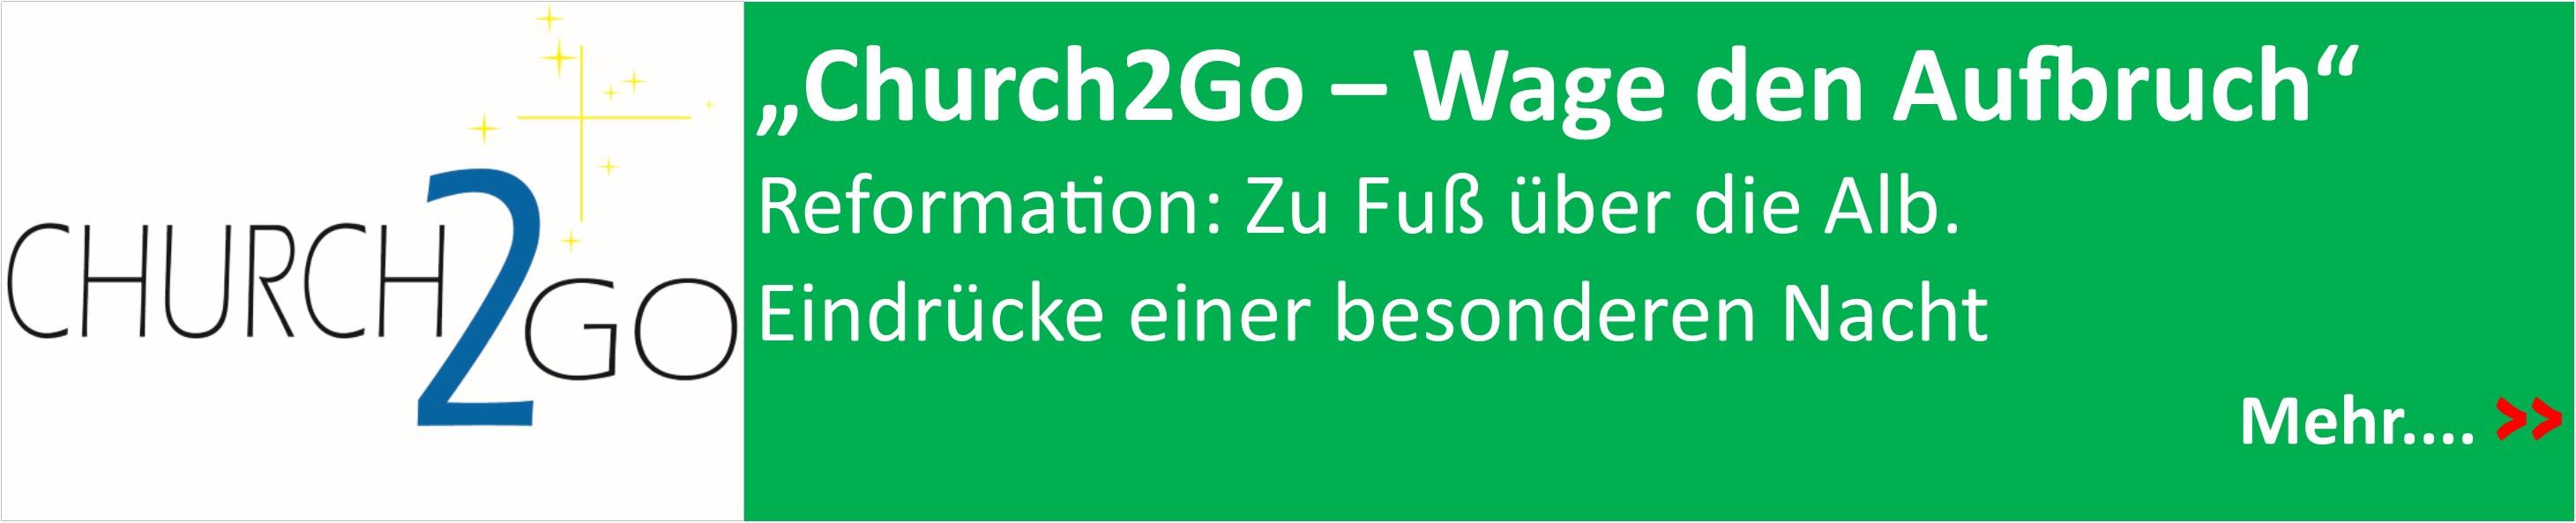 aktuell_rueckblick_churchtogo